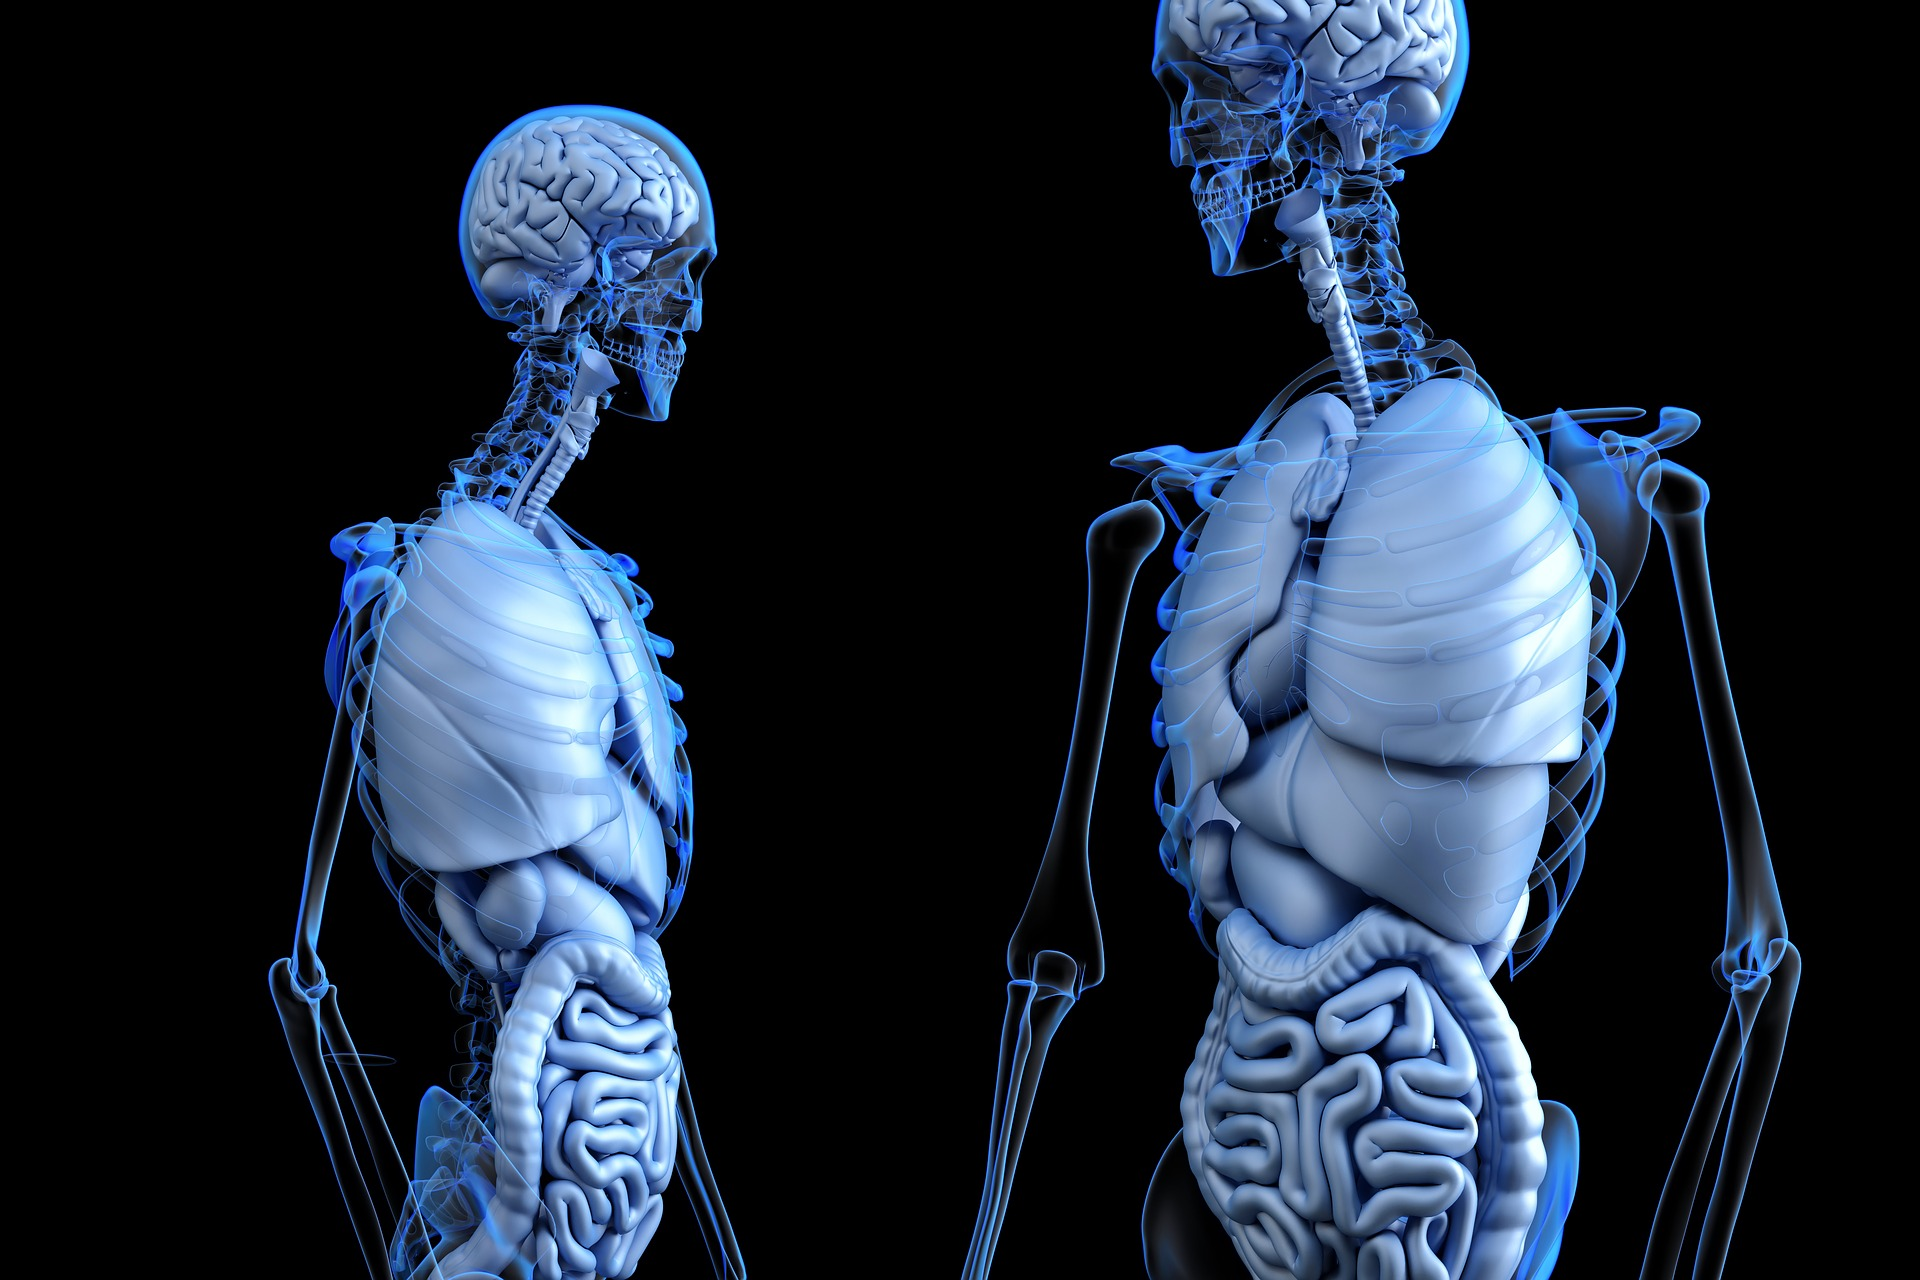 Científicos descubren nuevas células hepáticas capaces de regenerar el tejido